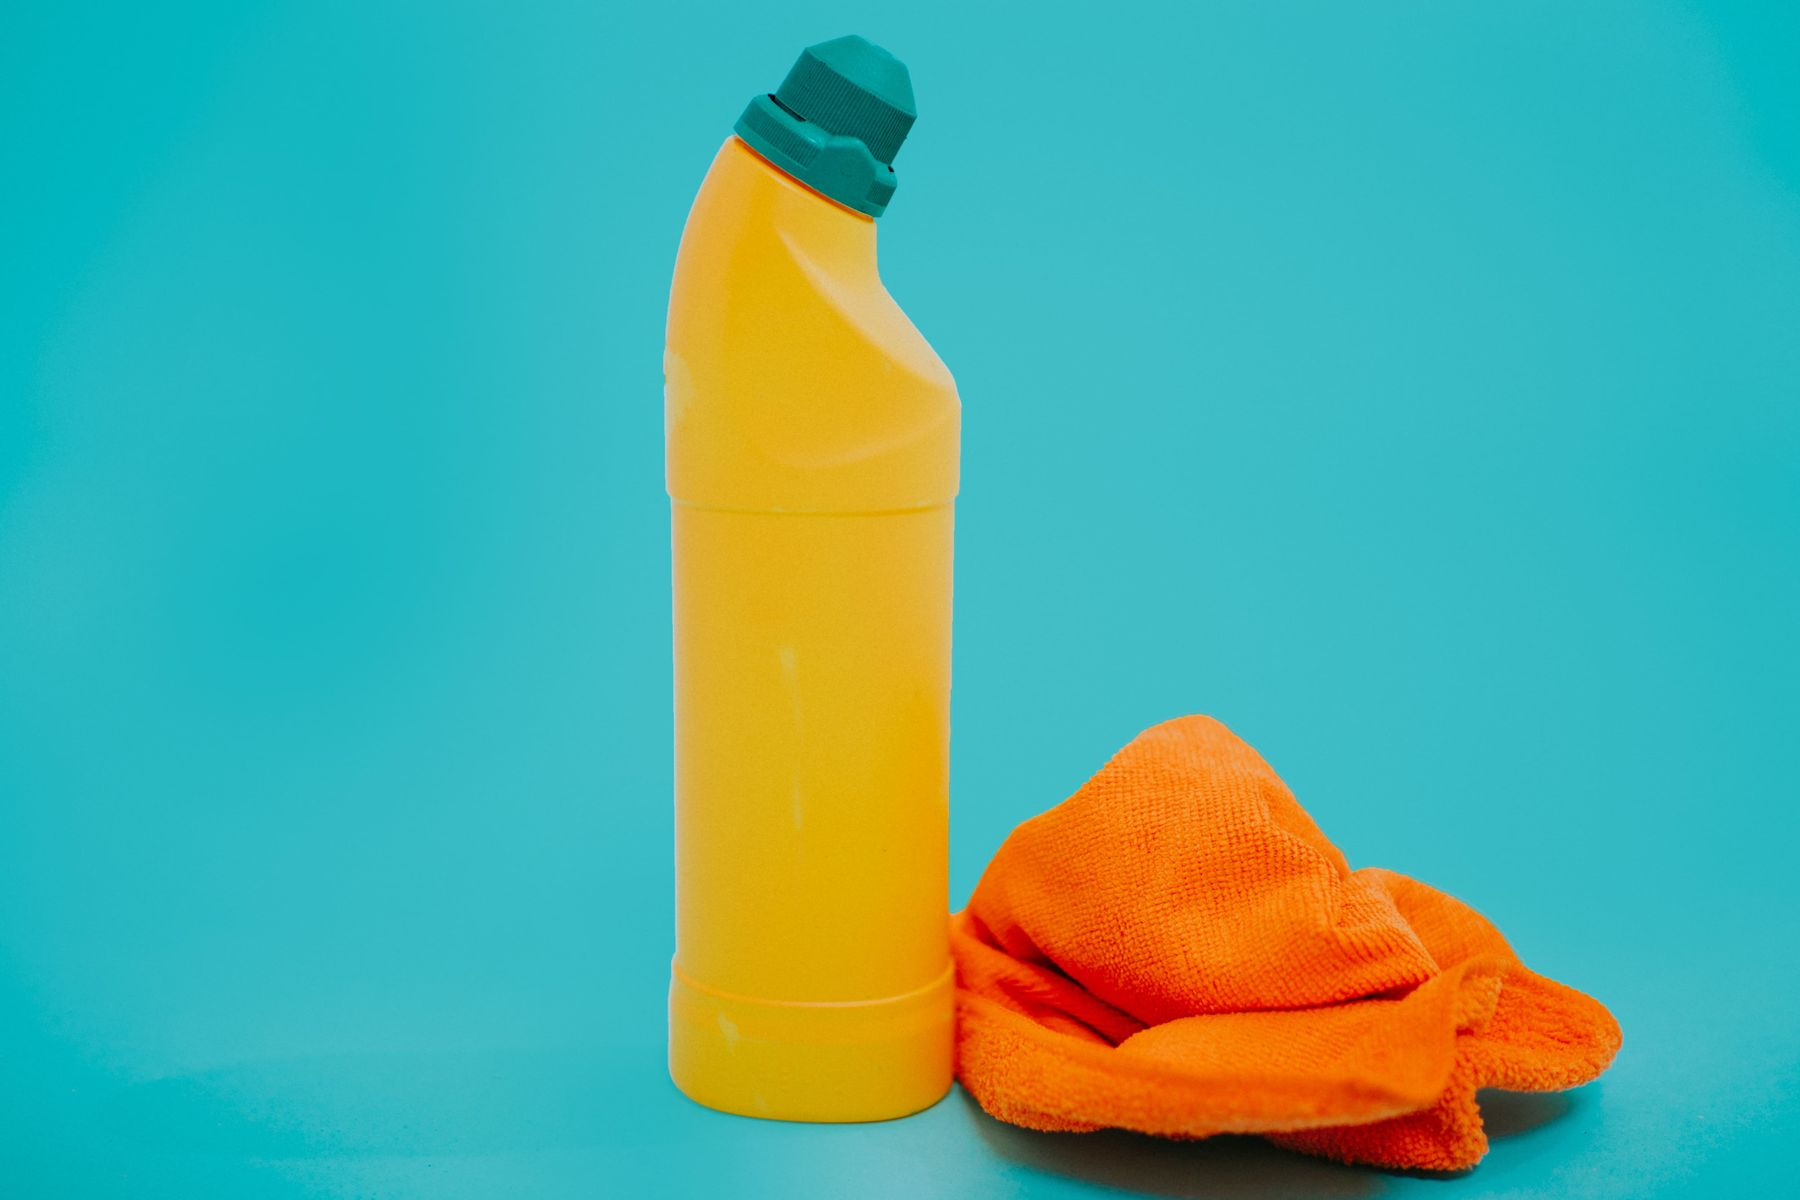 Çamaşır suyundan etkilenenler için alternatif temizlik önerileri